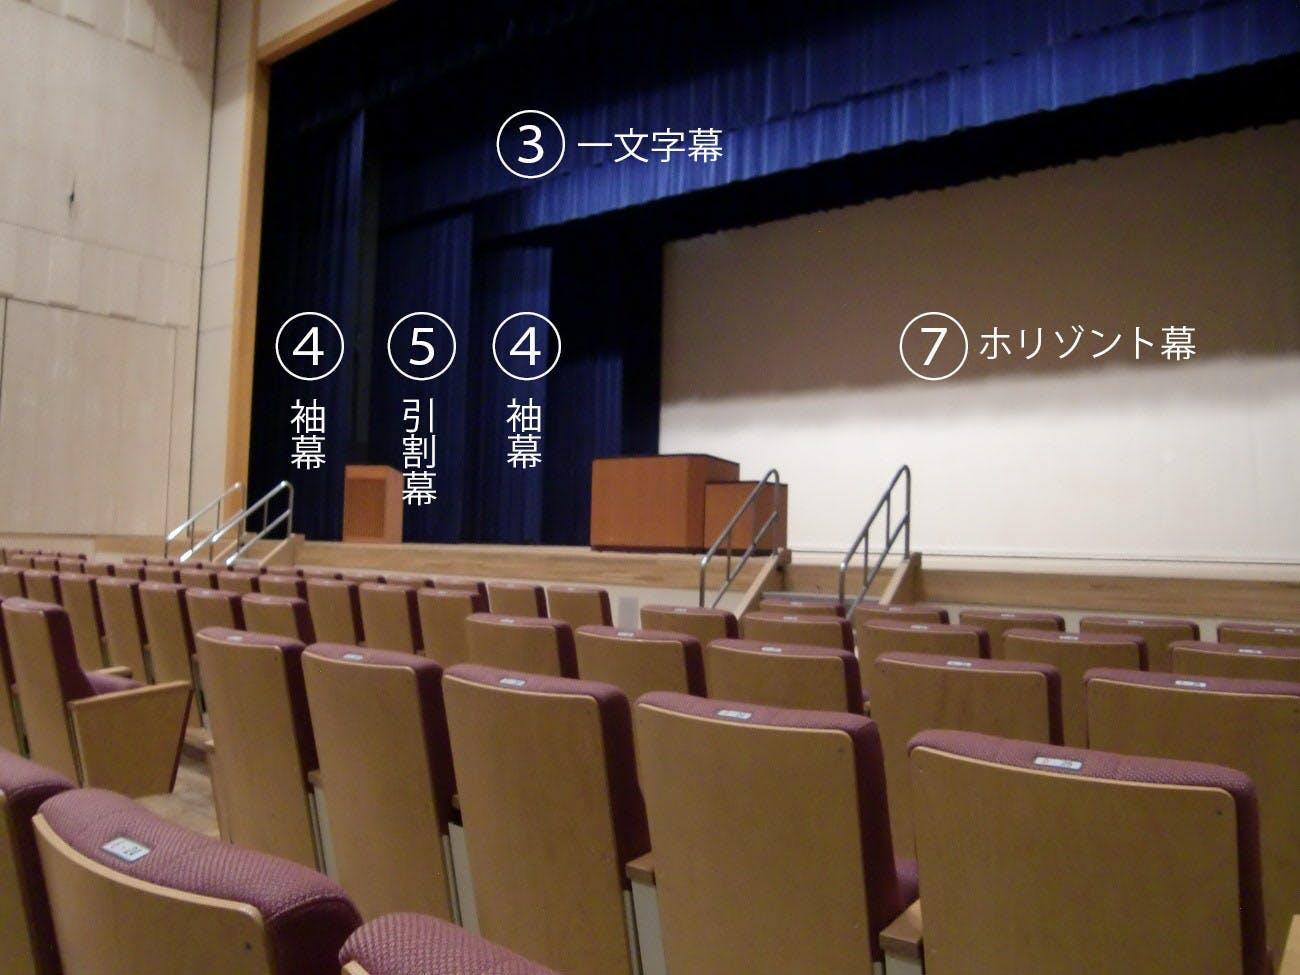 舞台の幕一覧